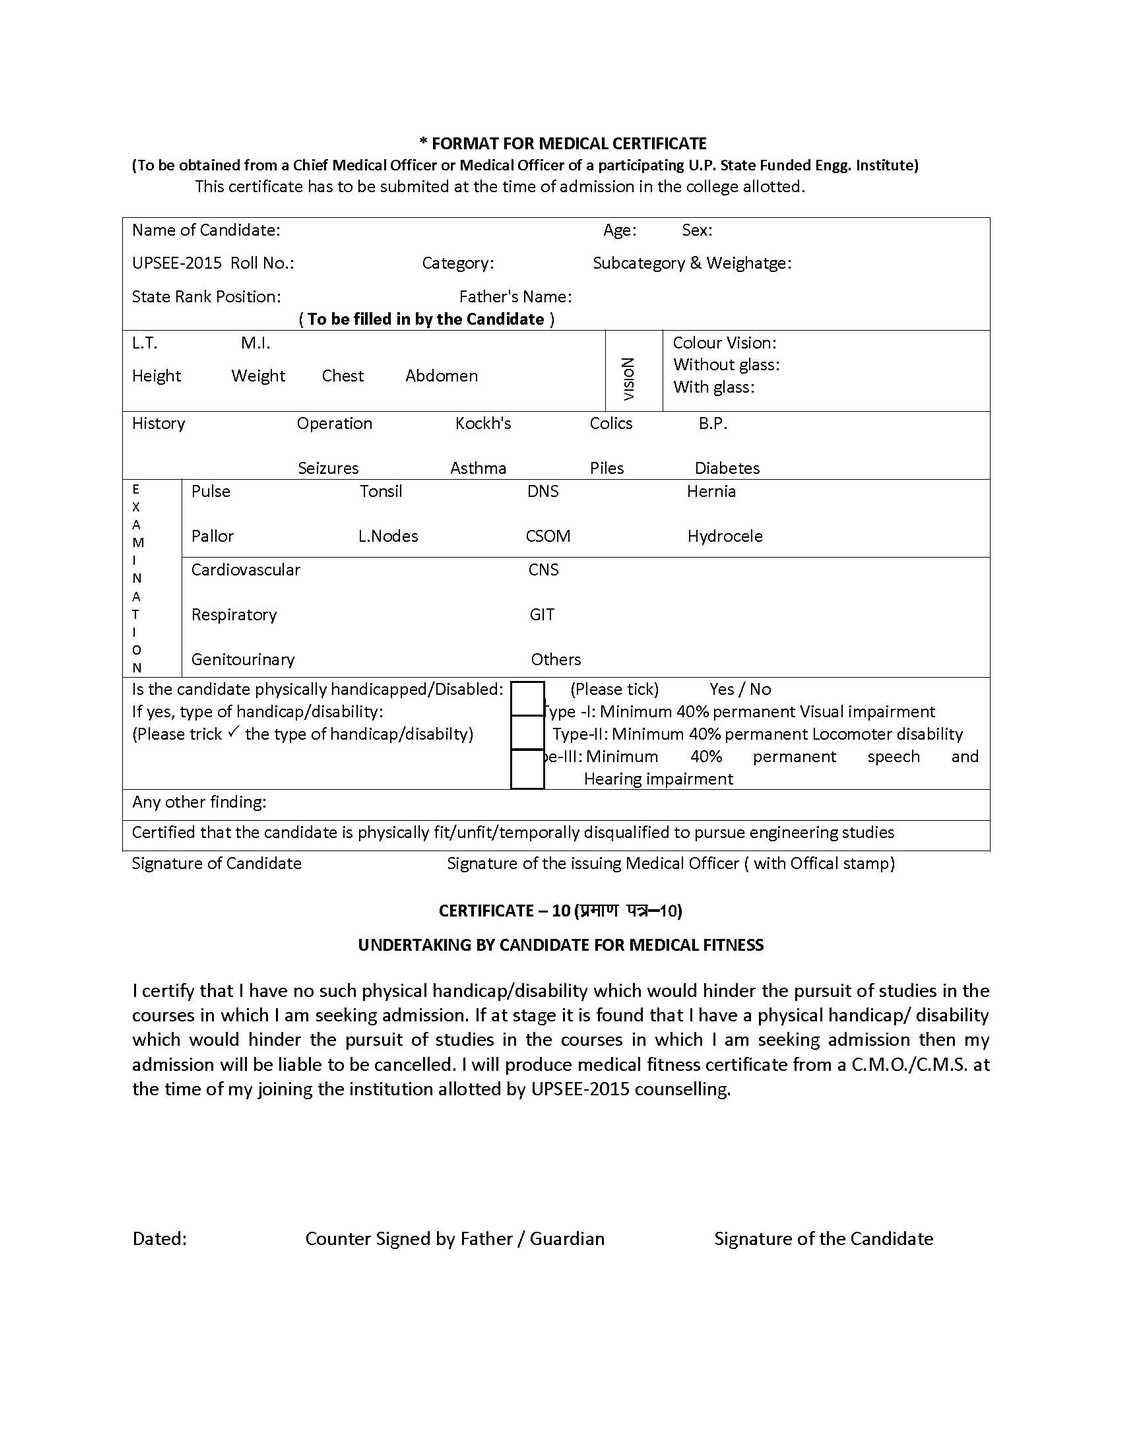 Performa Of Medical Certificate